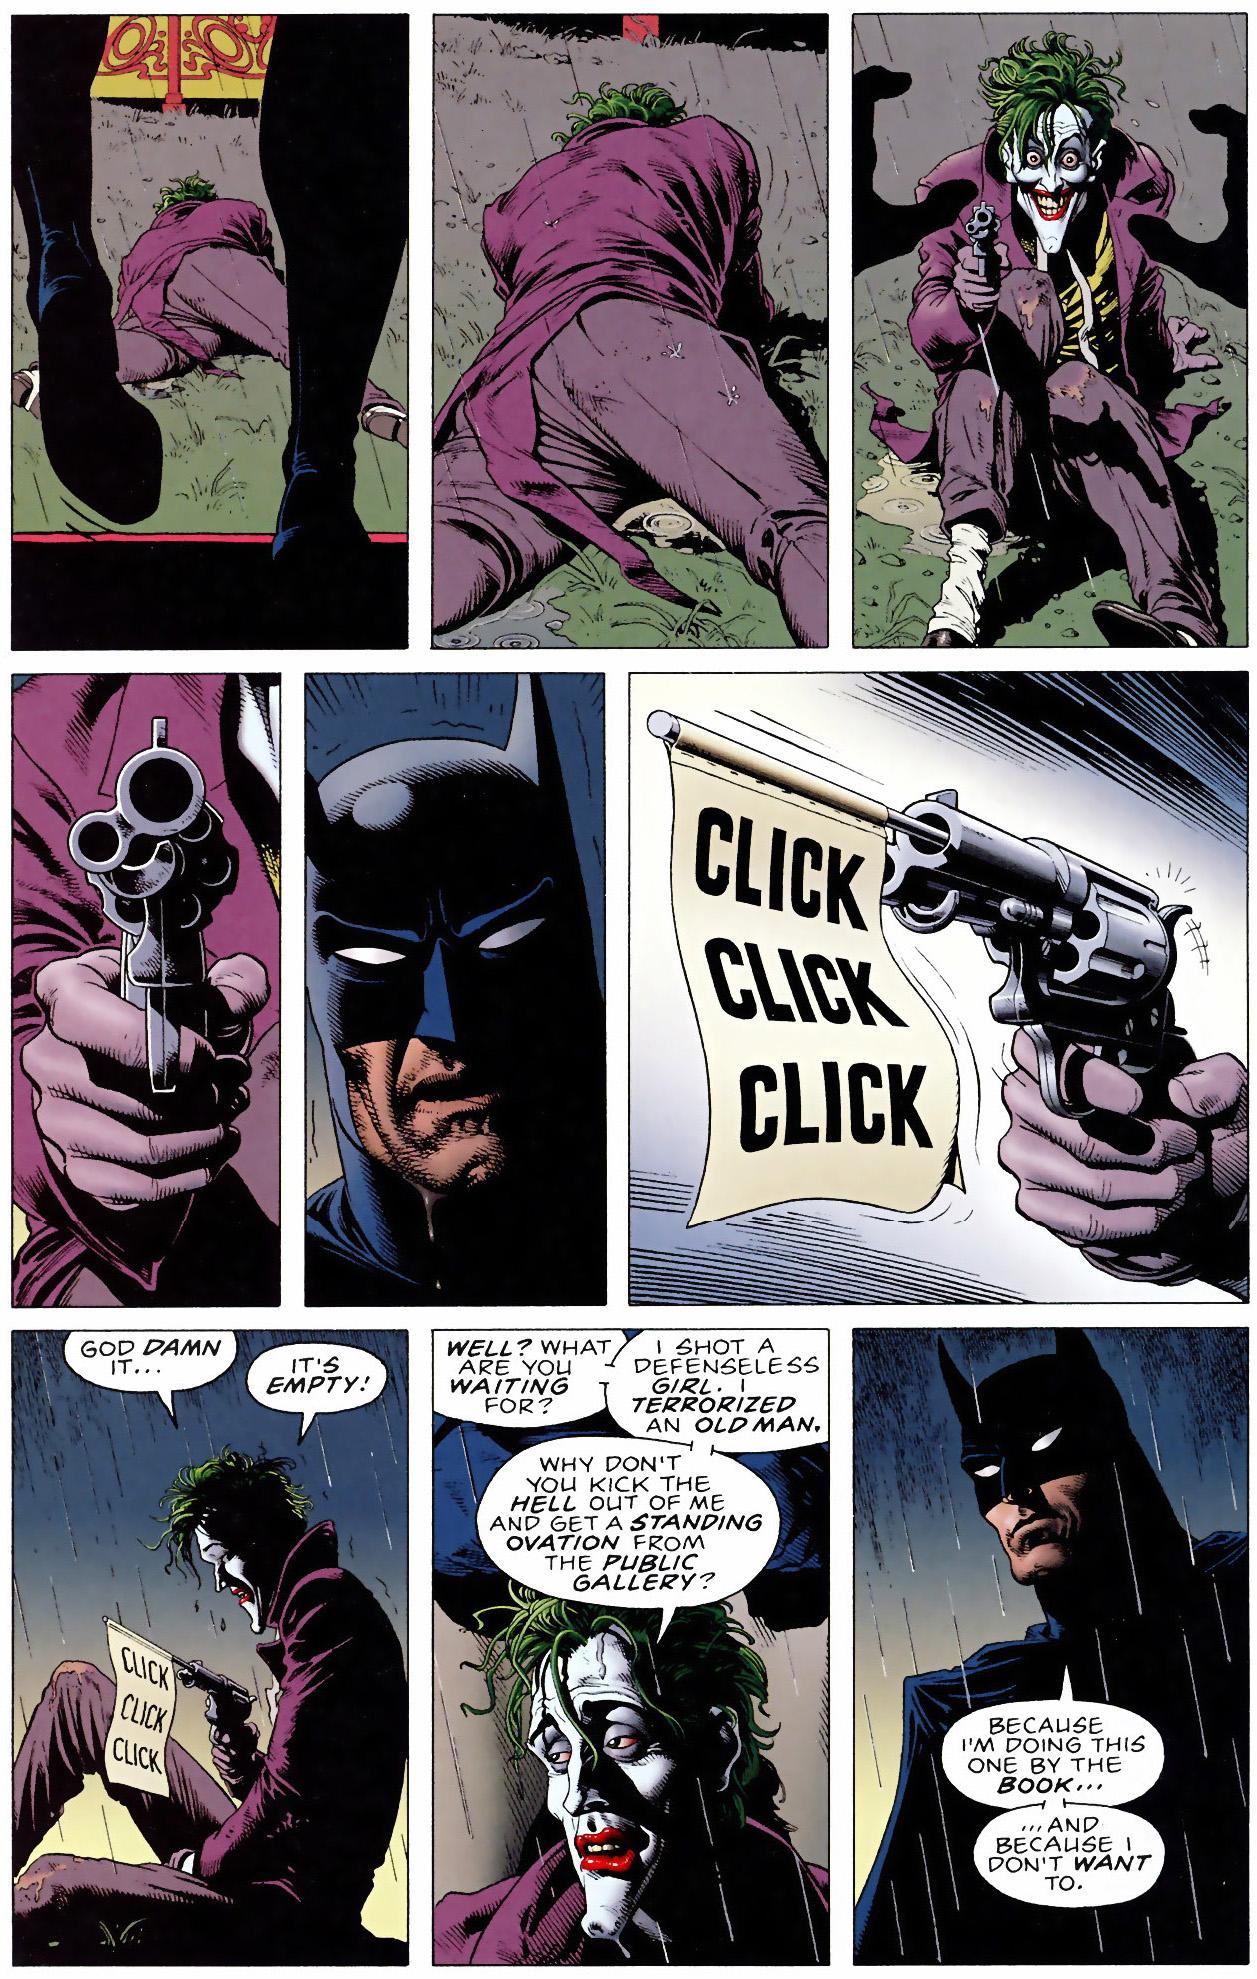 batman-vs-the-joker-killing-joke-6.jpg